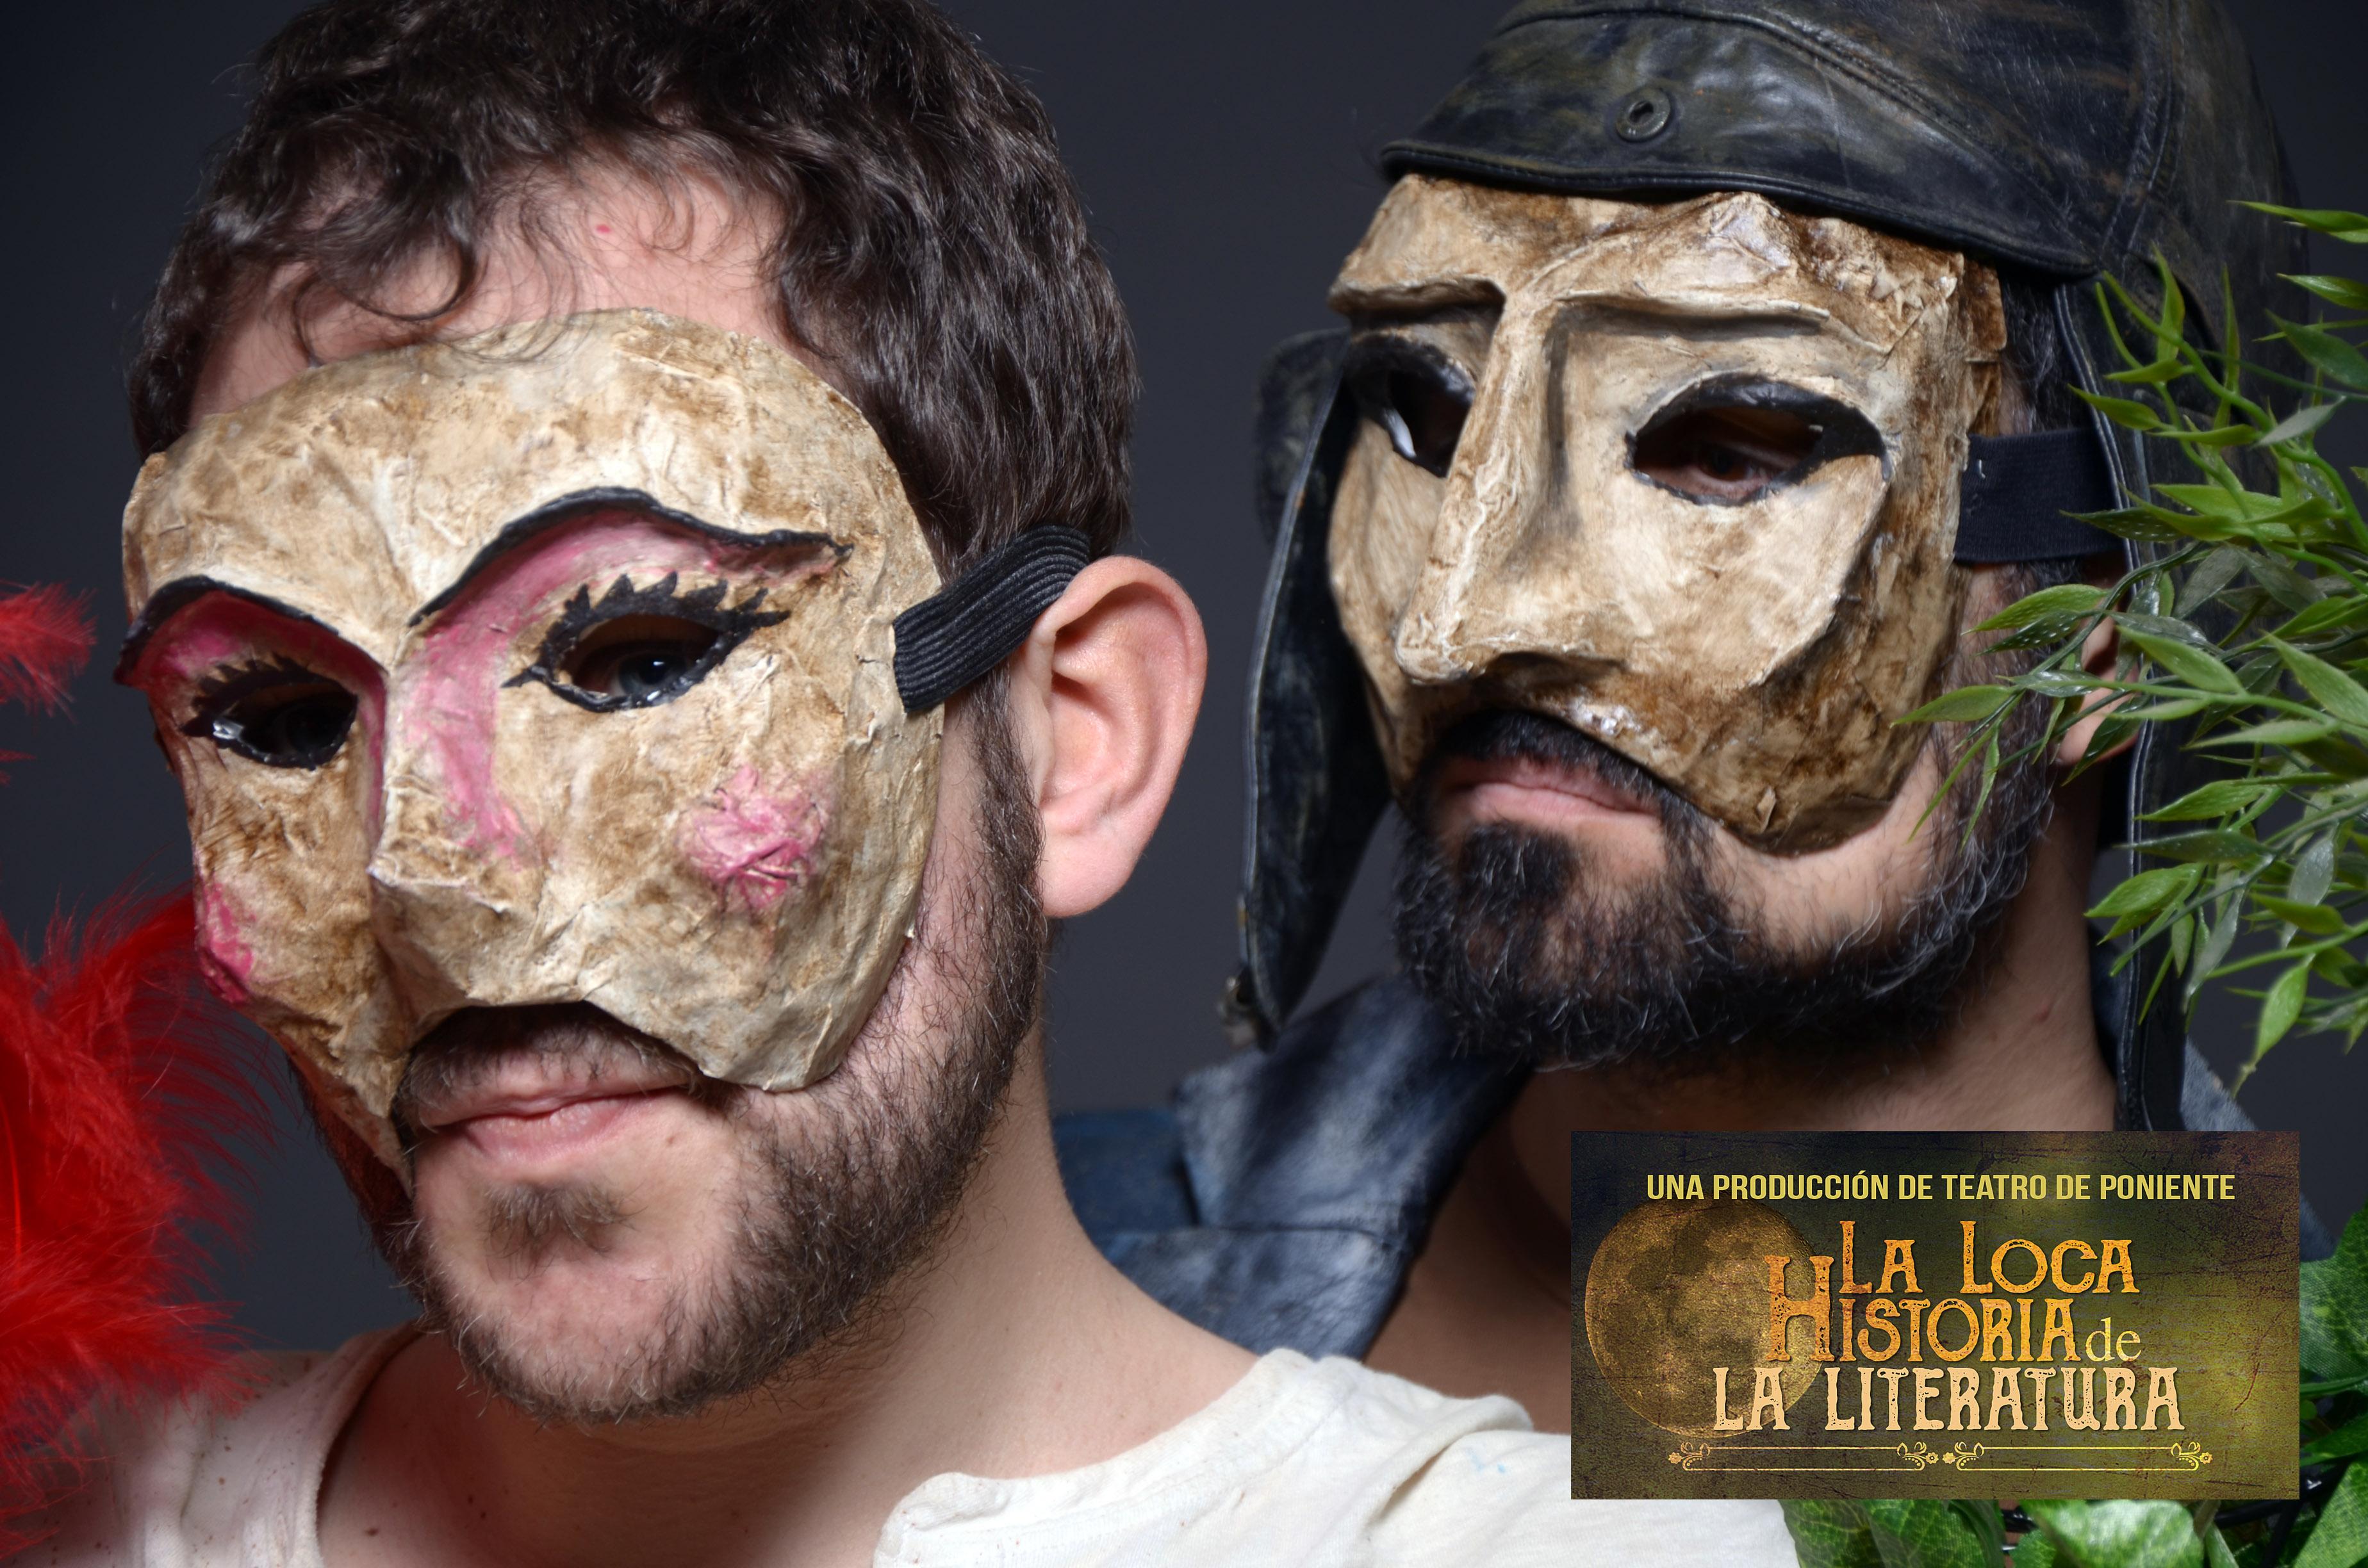 La loca historia de la Literatura en el Festival de Teatro de Humor de Santa Fe 2019, 25 edición